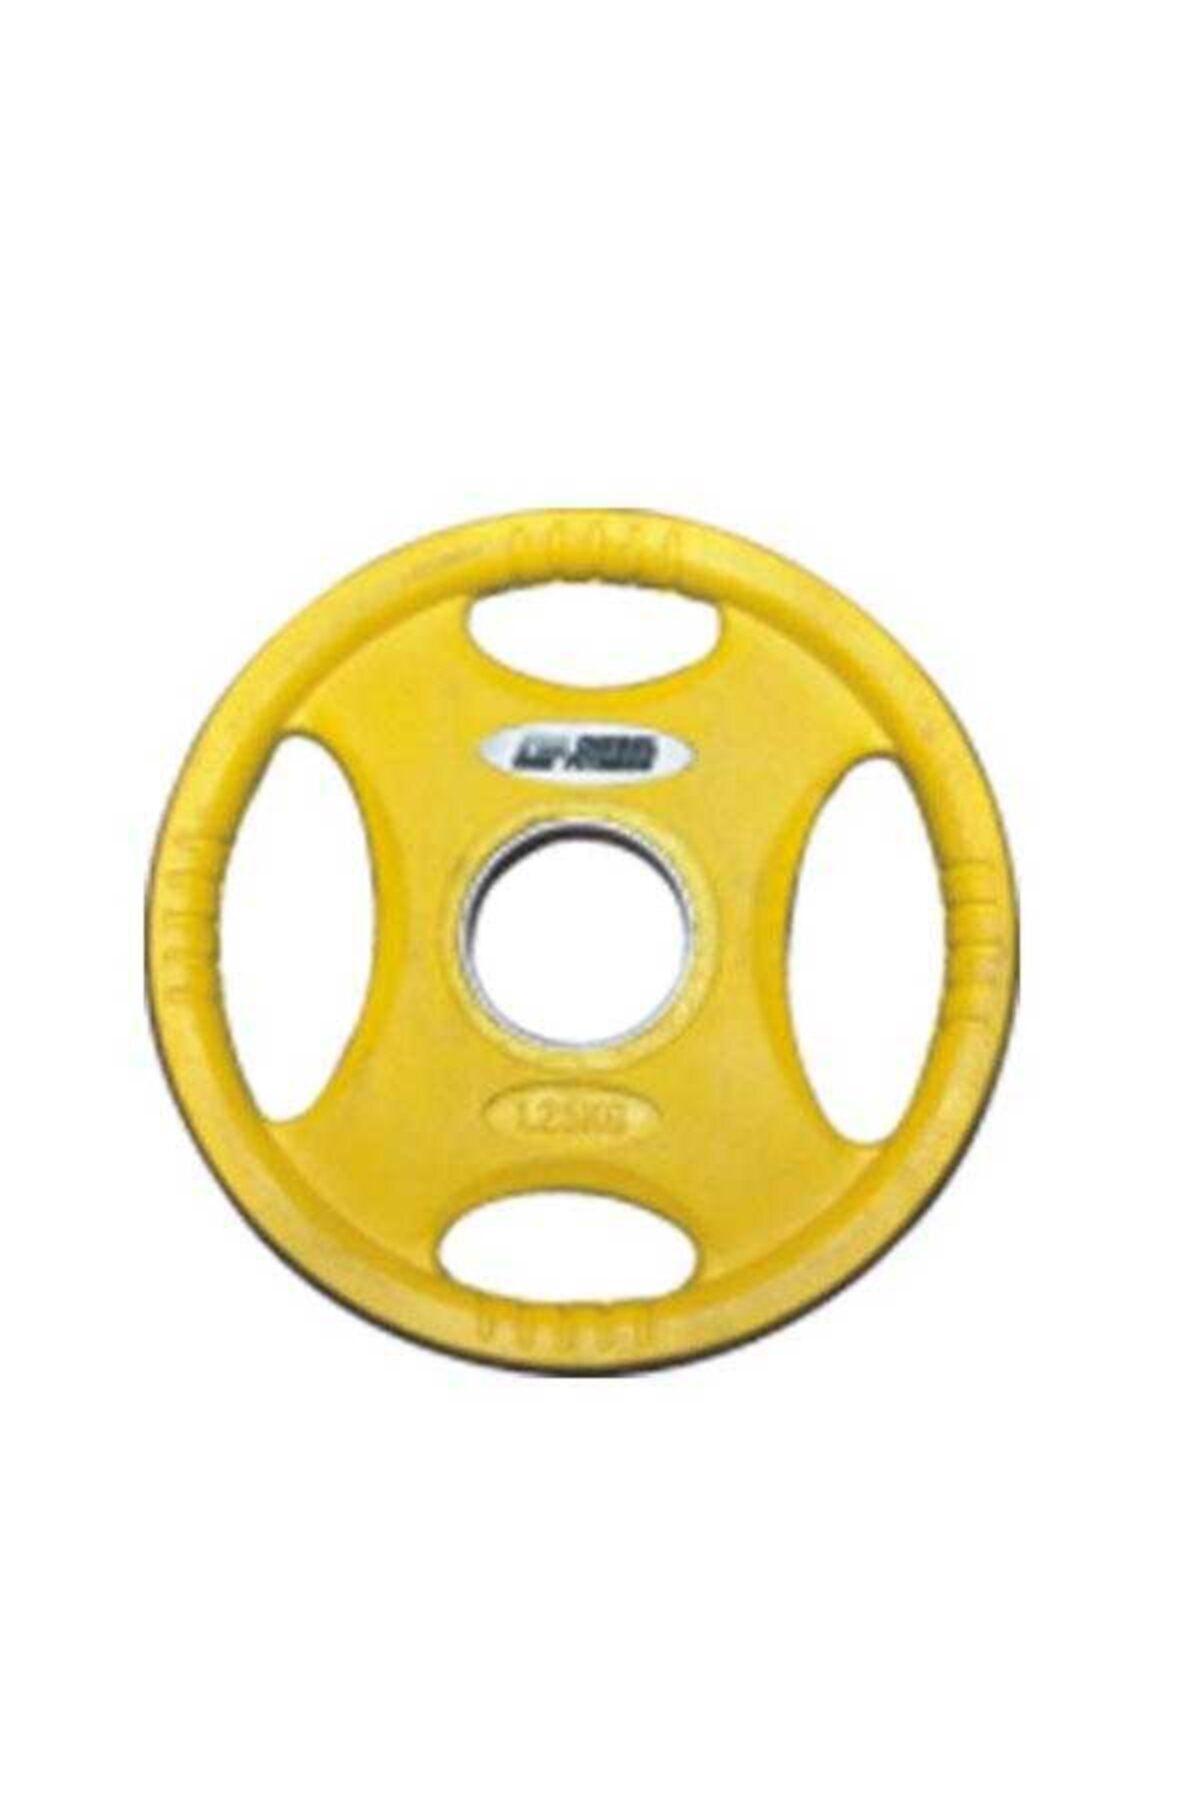 Diesel Fitness Sarı Fitness Rop4 Kauçuk Flanş 1,25 kg 1